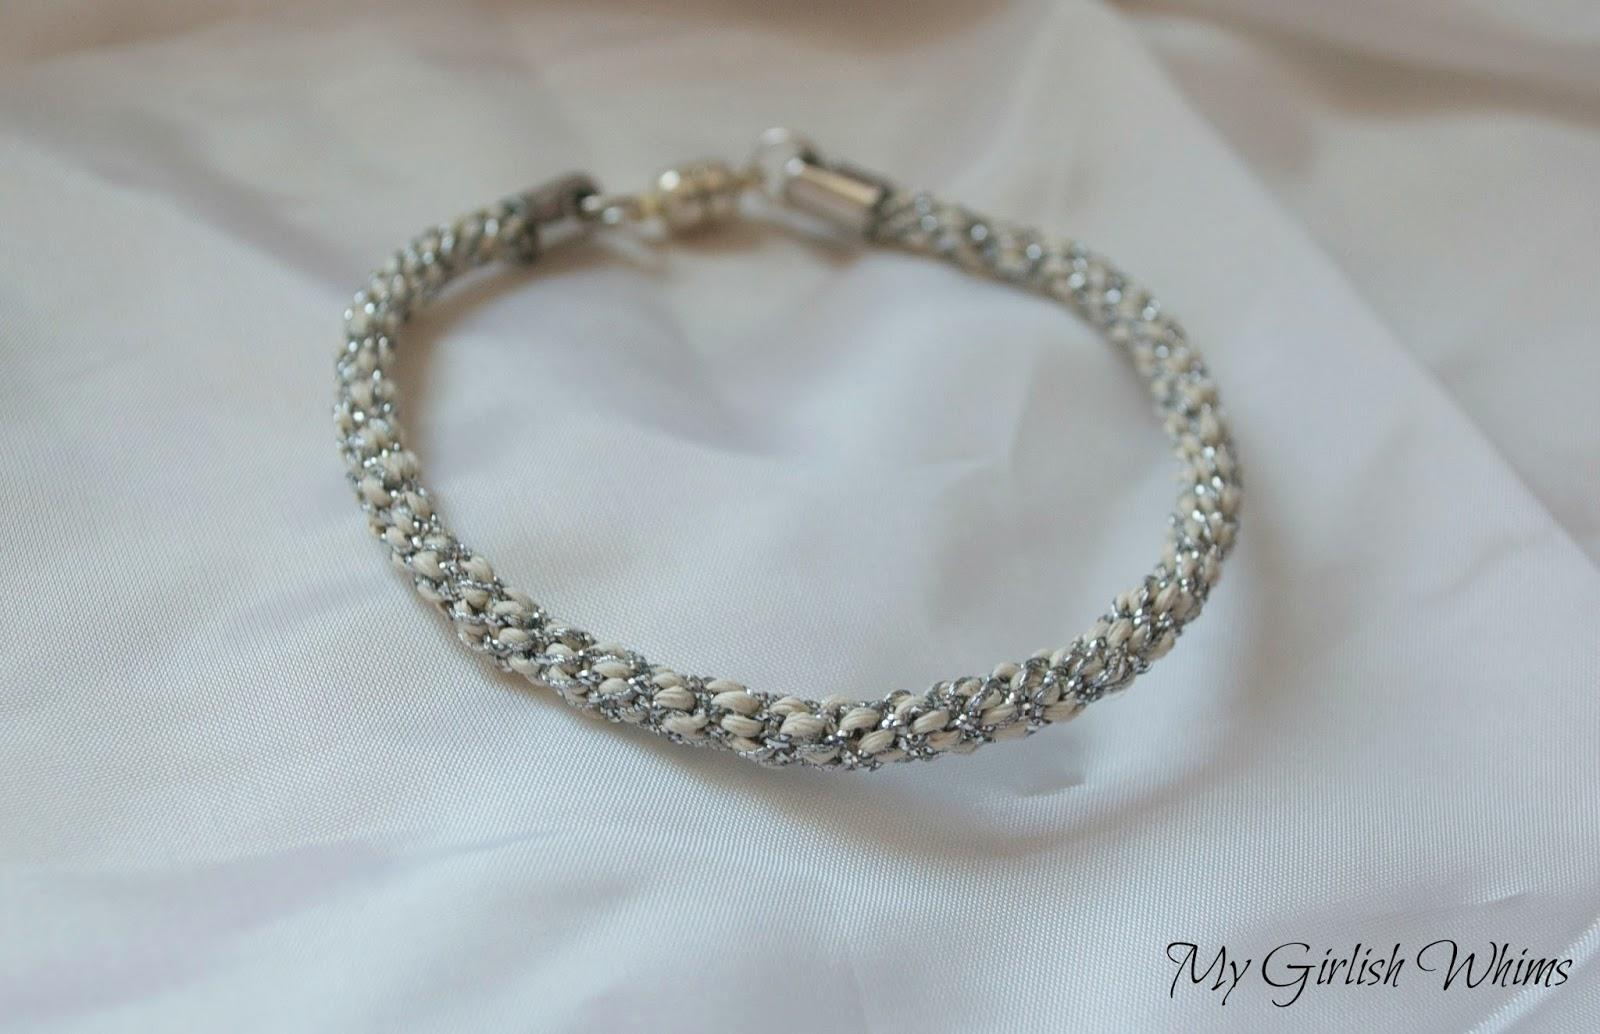 Connu DIY Kumihimo Bracelets - My Girlish Whims BP82